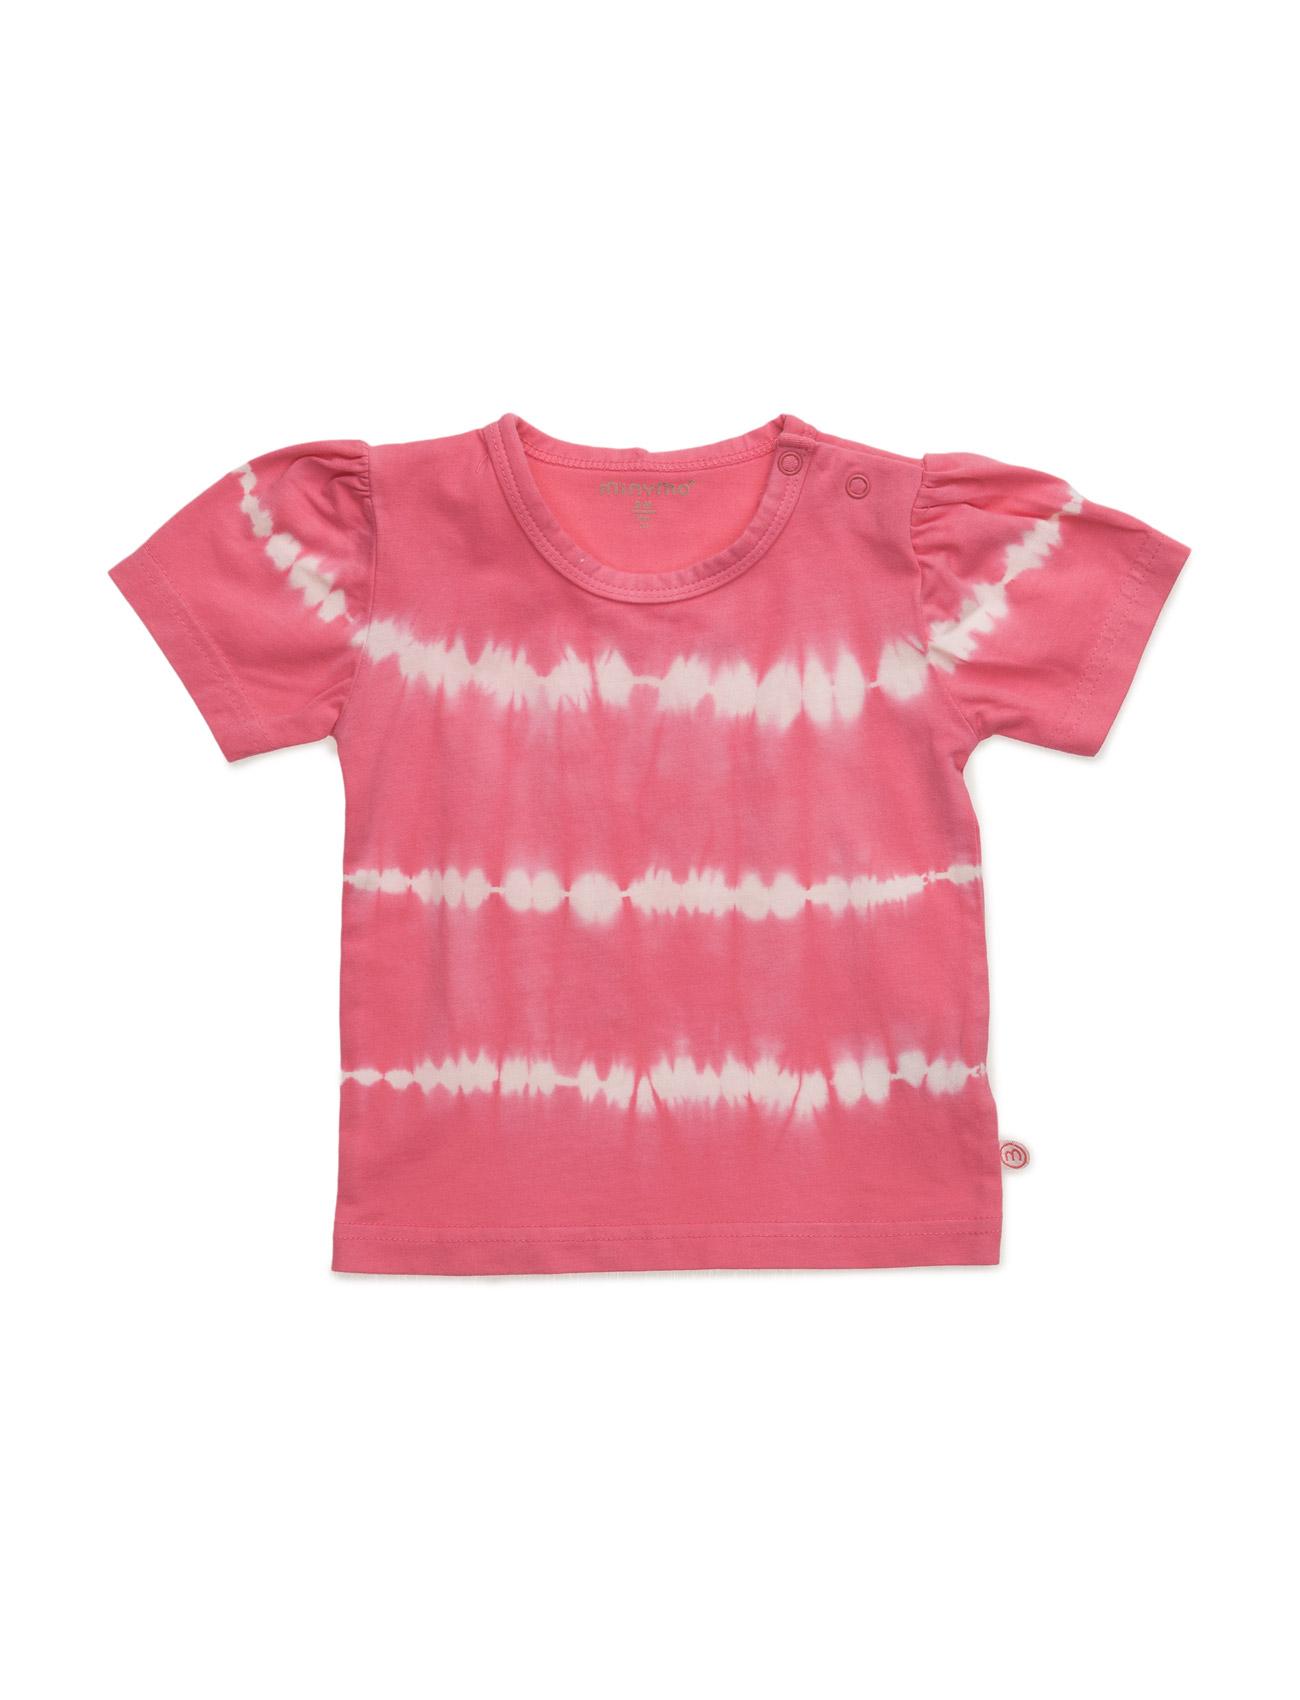 Minymo T-shirt SS w. Tie dye